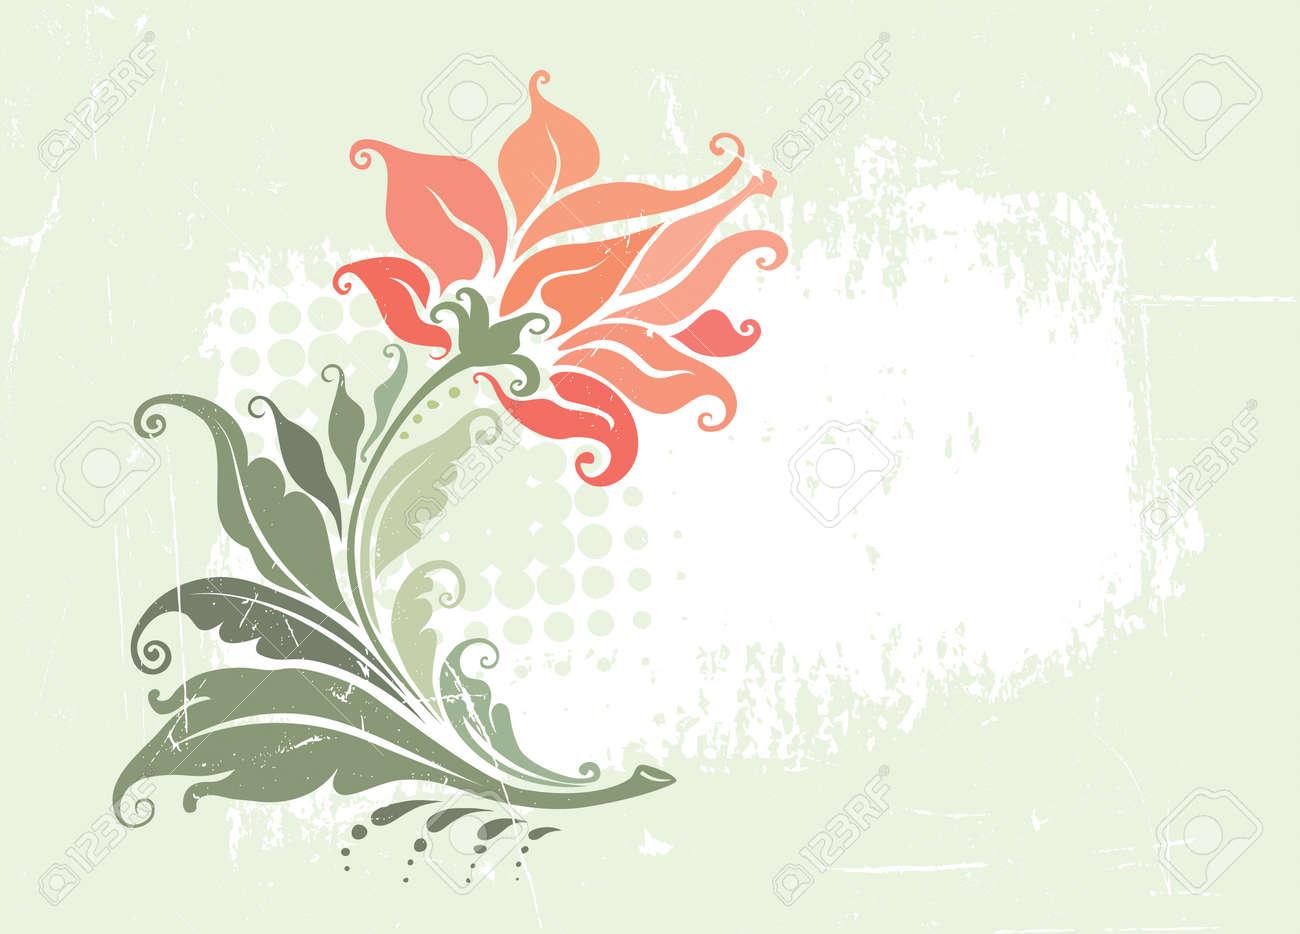 Decorative vintage floral frame - 5167702